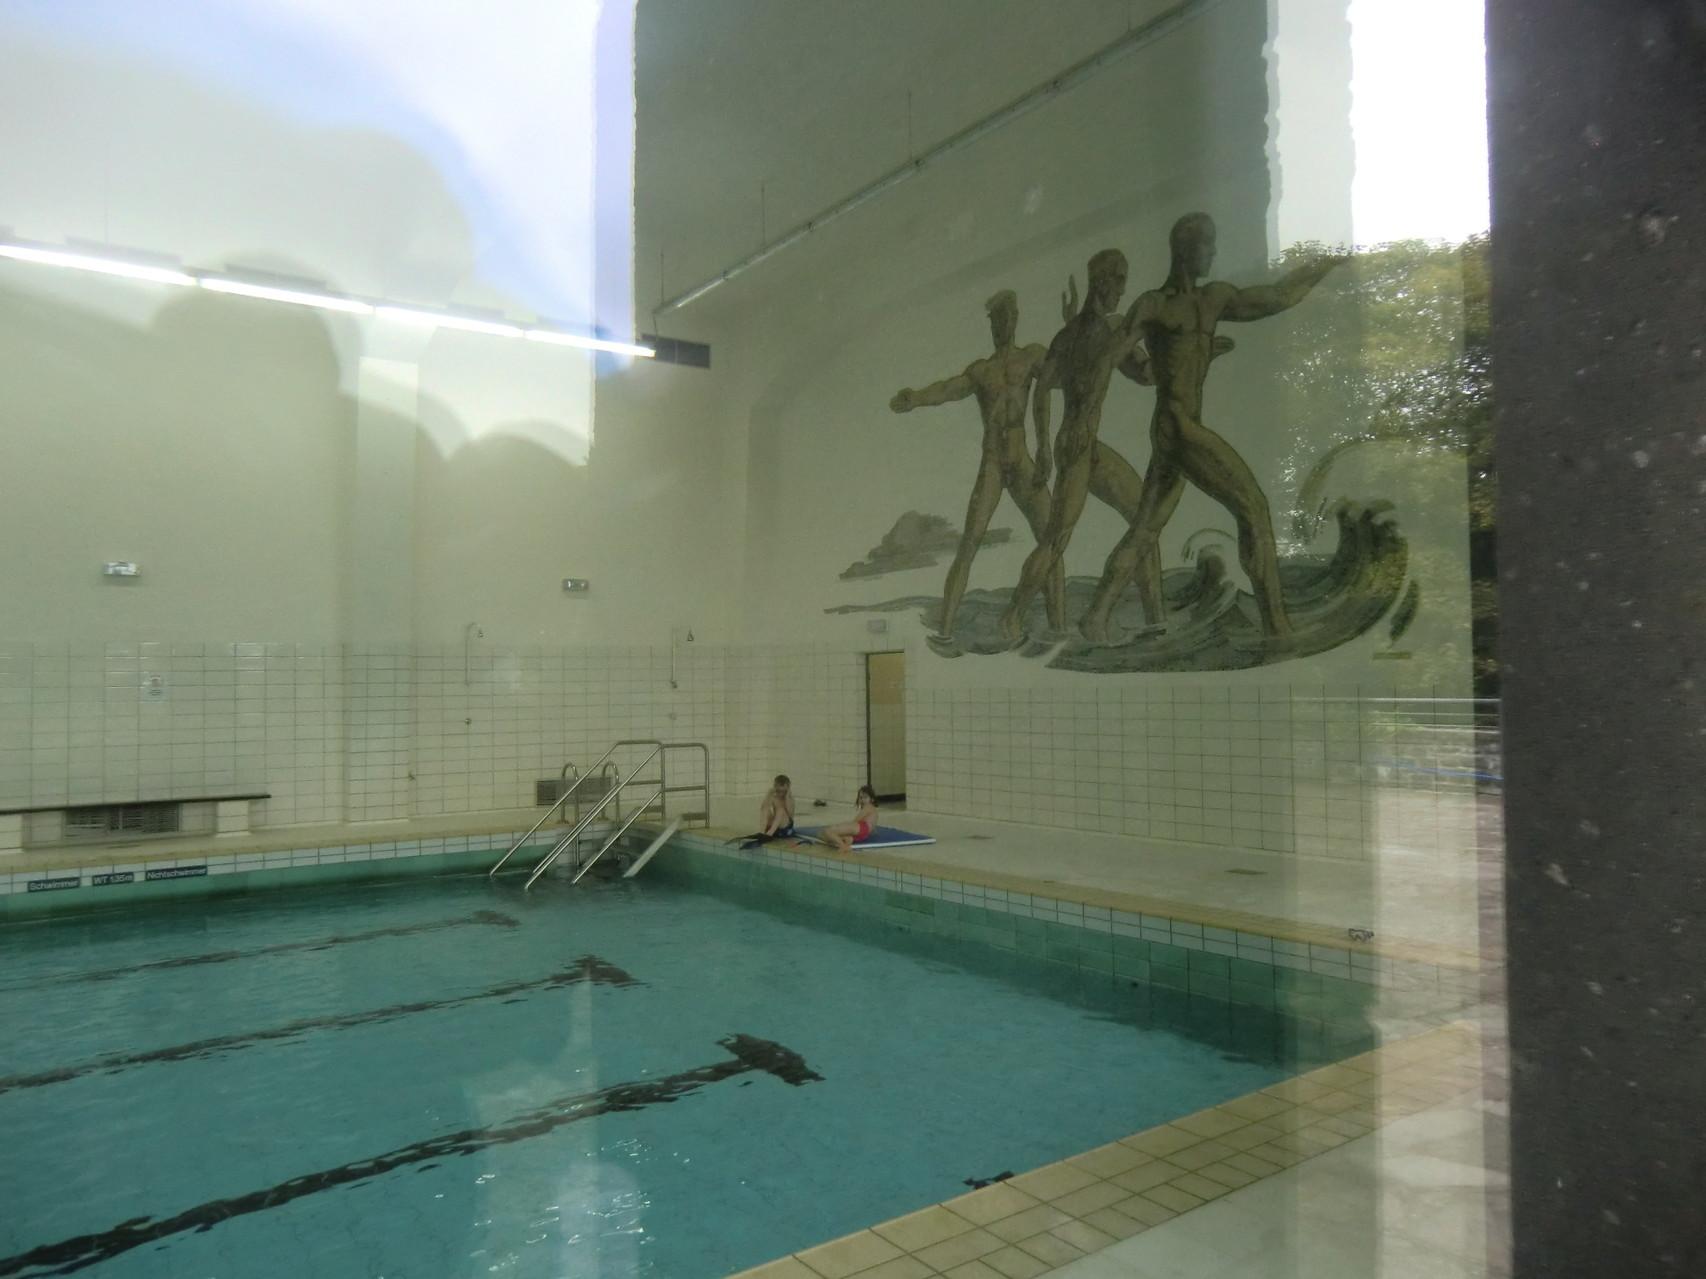 Schwimmbad der Ordensburg, heute öffentlich nutzbar